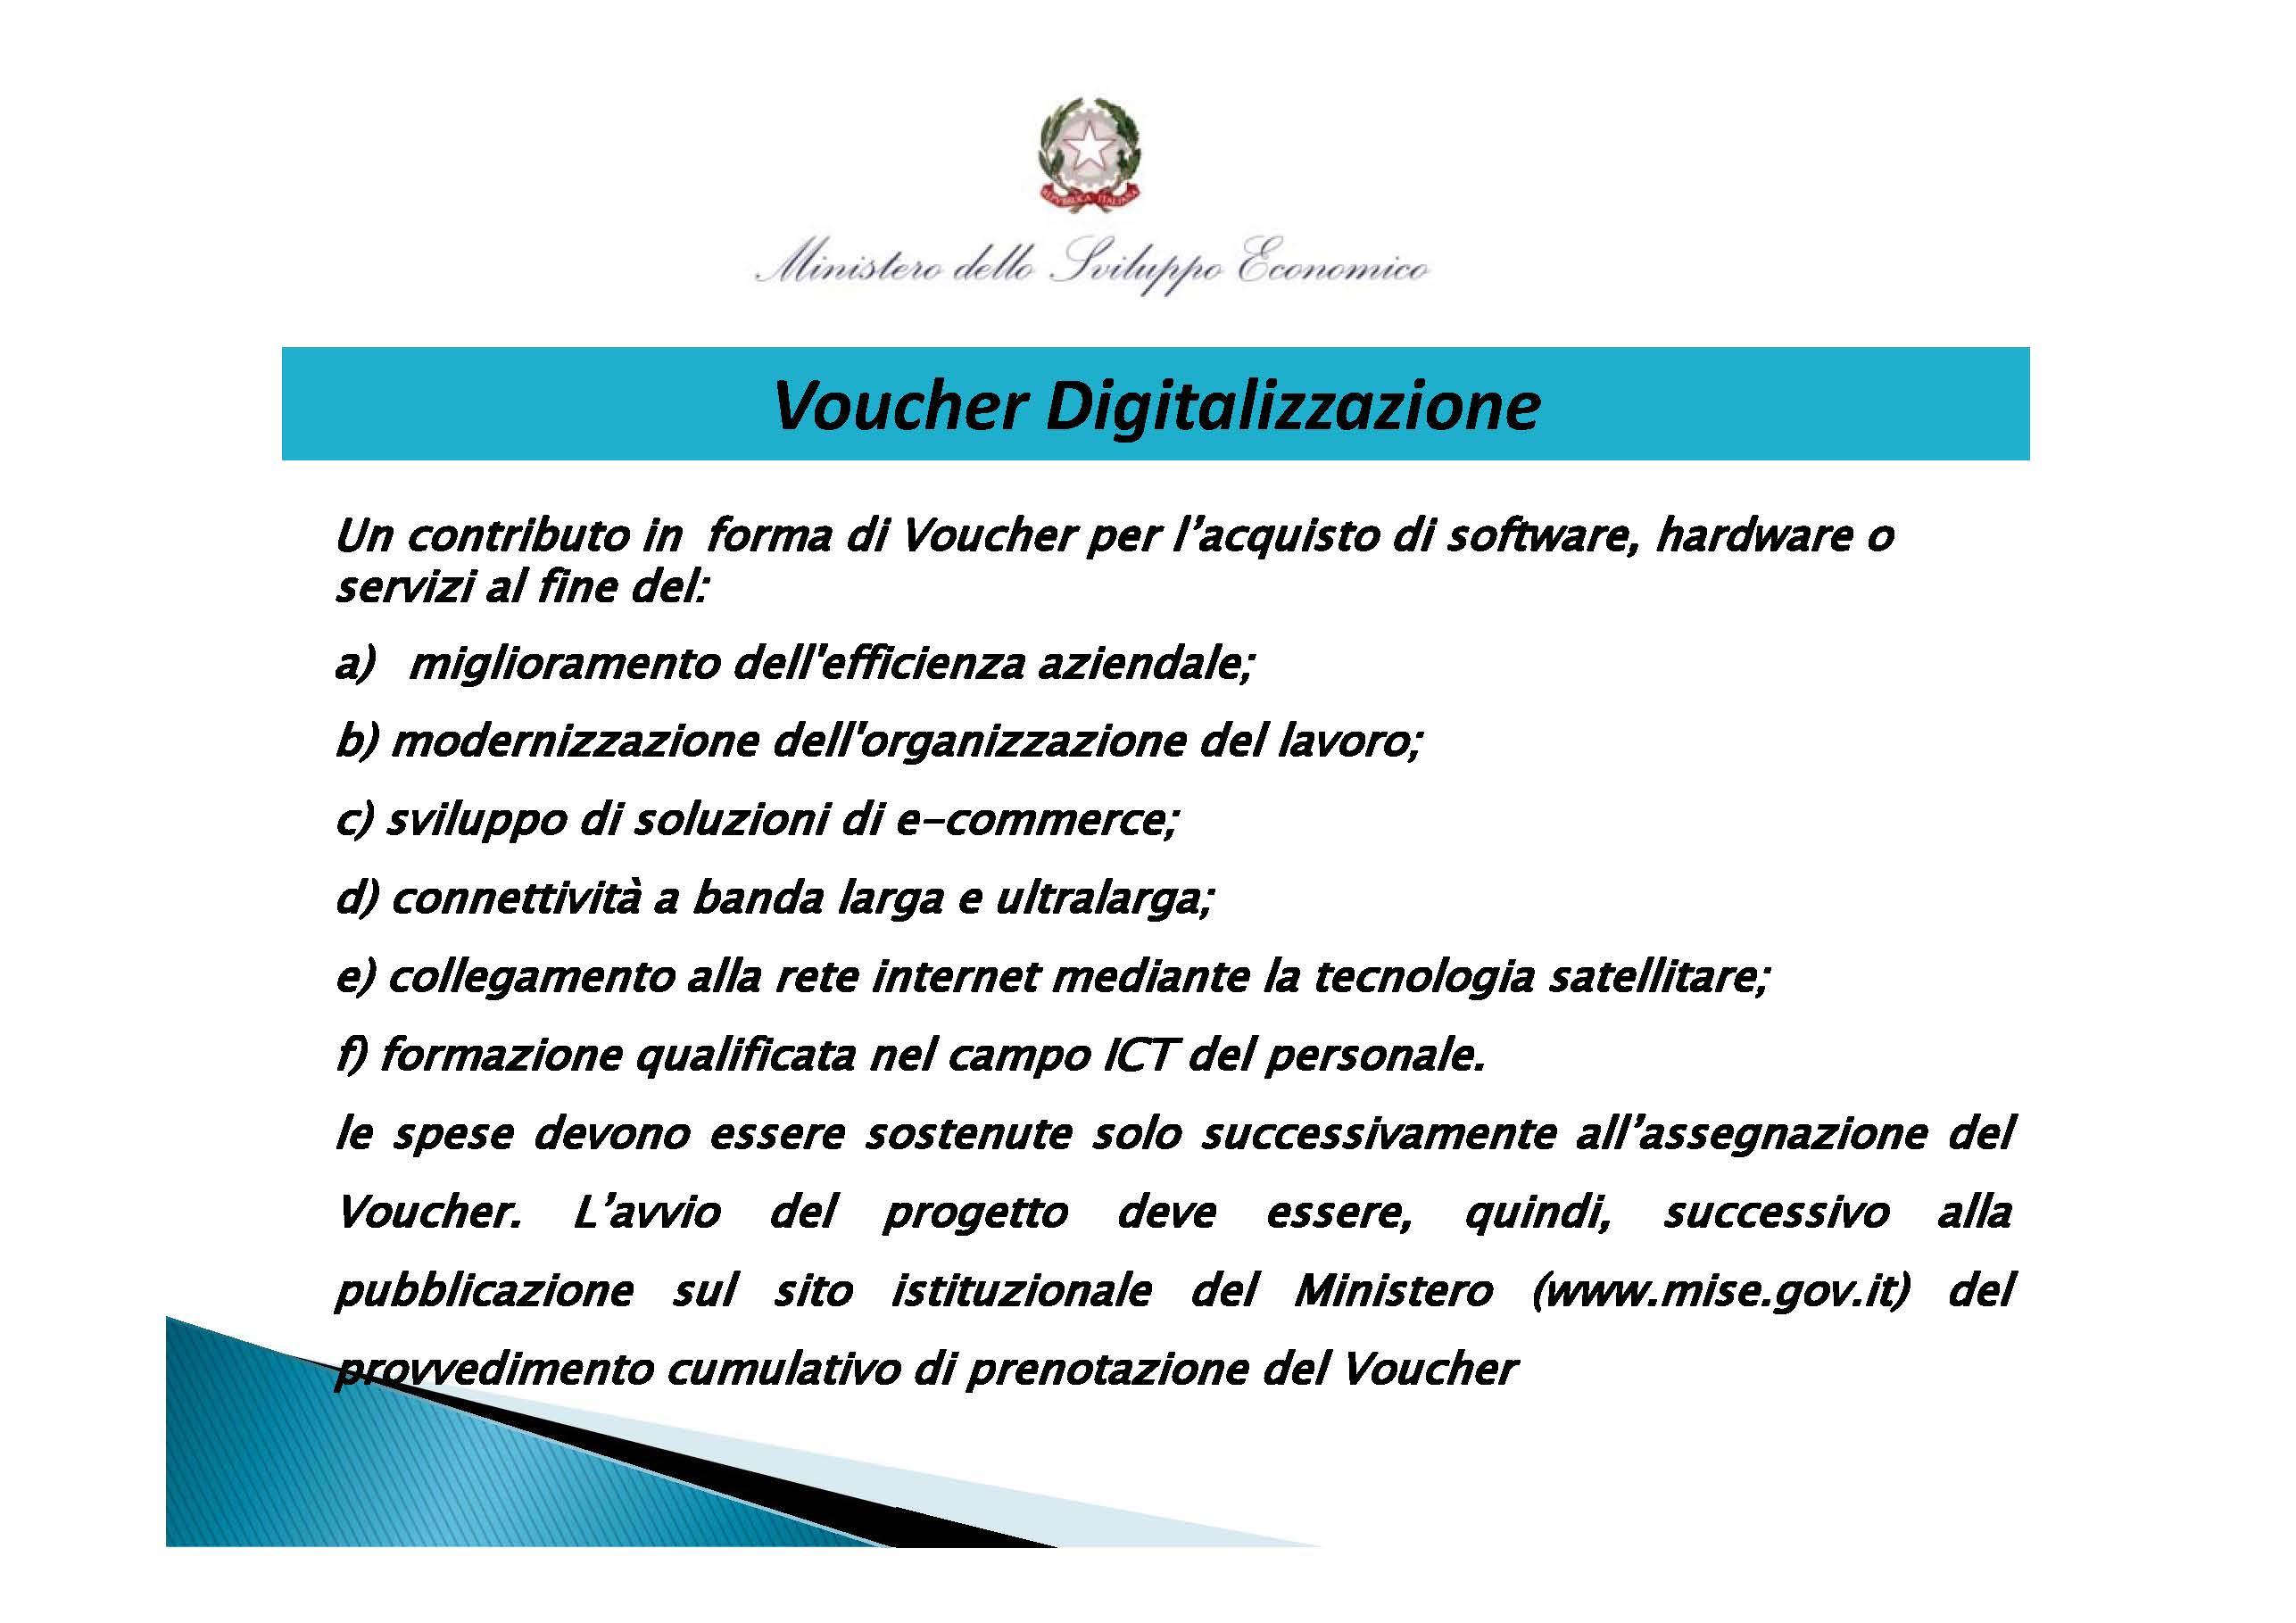 voucher-digitalizzazione-slide-bandoni_pagina_07